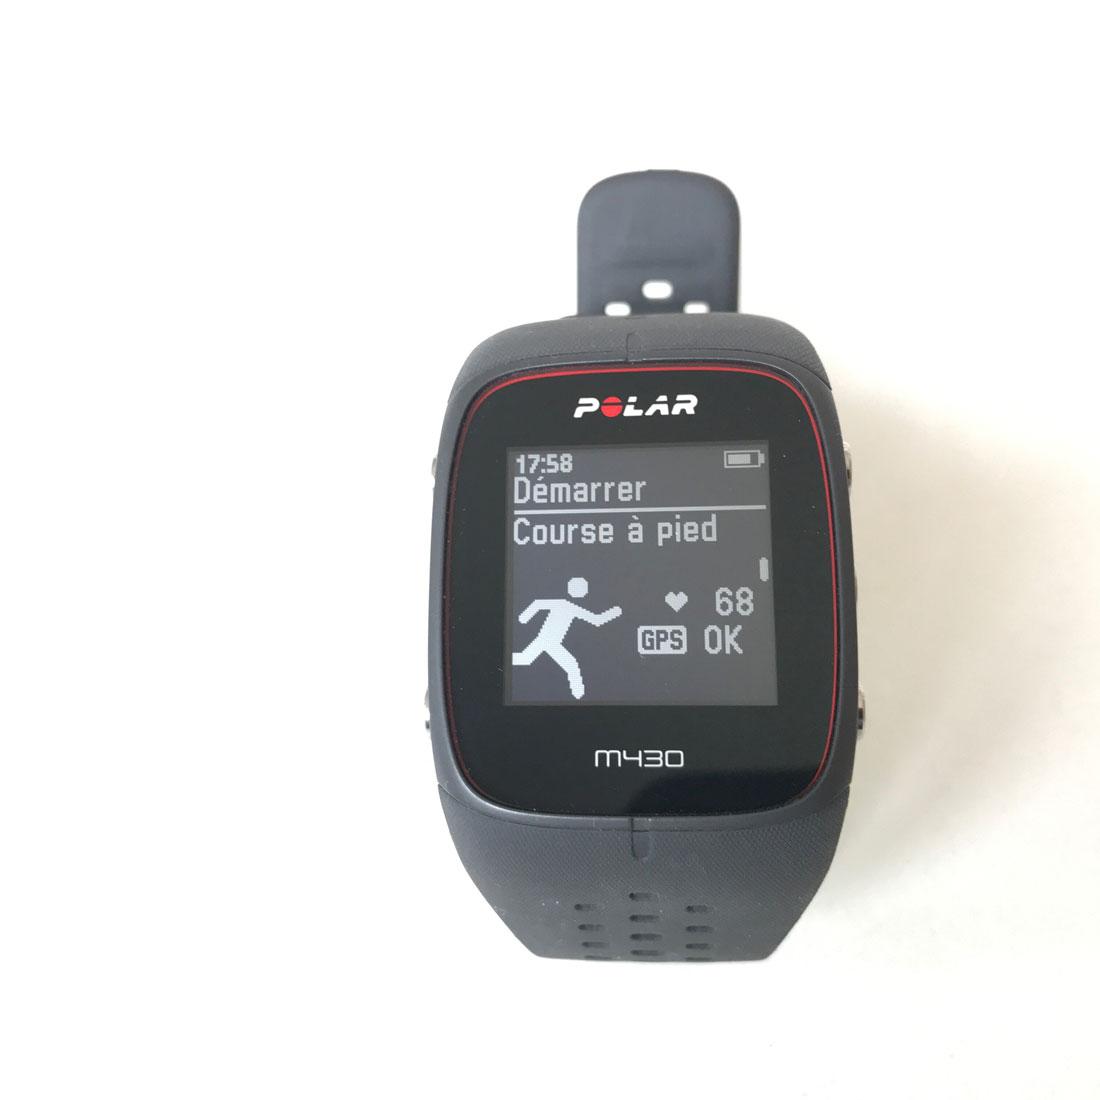 Montre de sport GPS avec cardio intégré Polar M430, 05 2017, Ph. Moctar KANE.